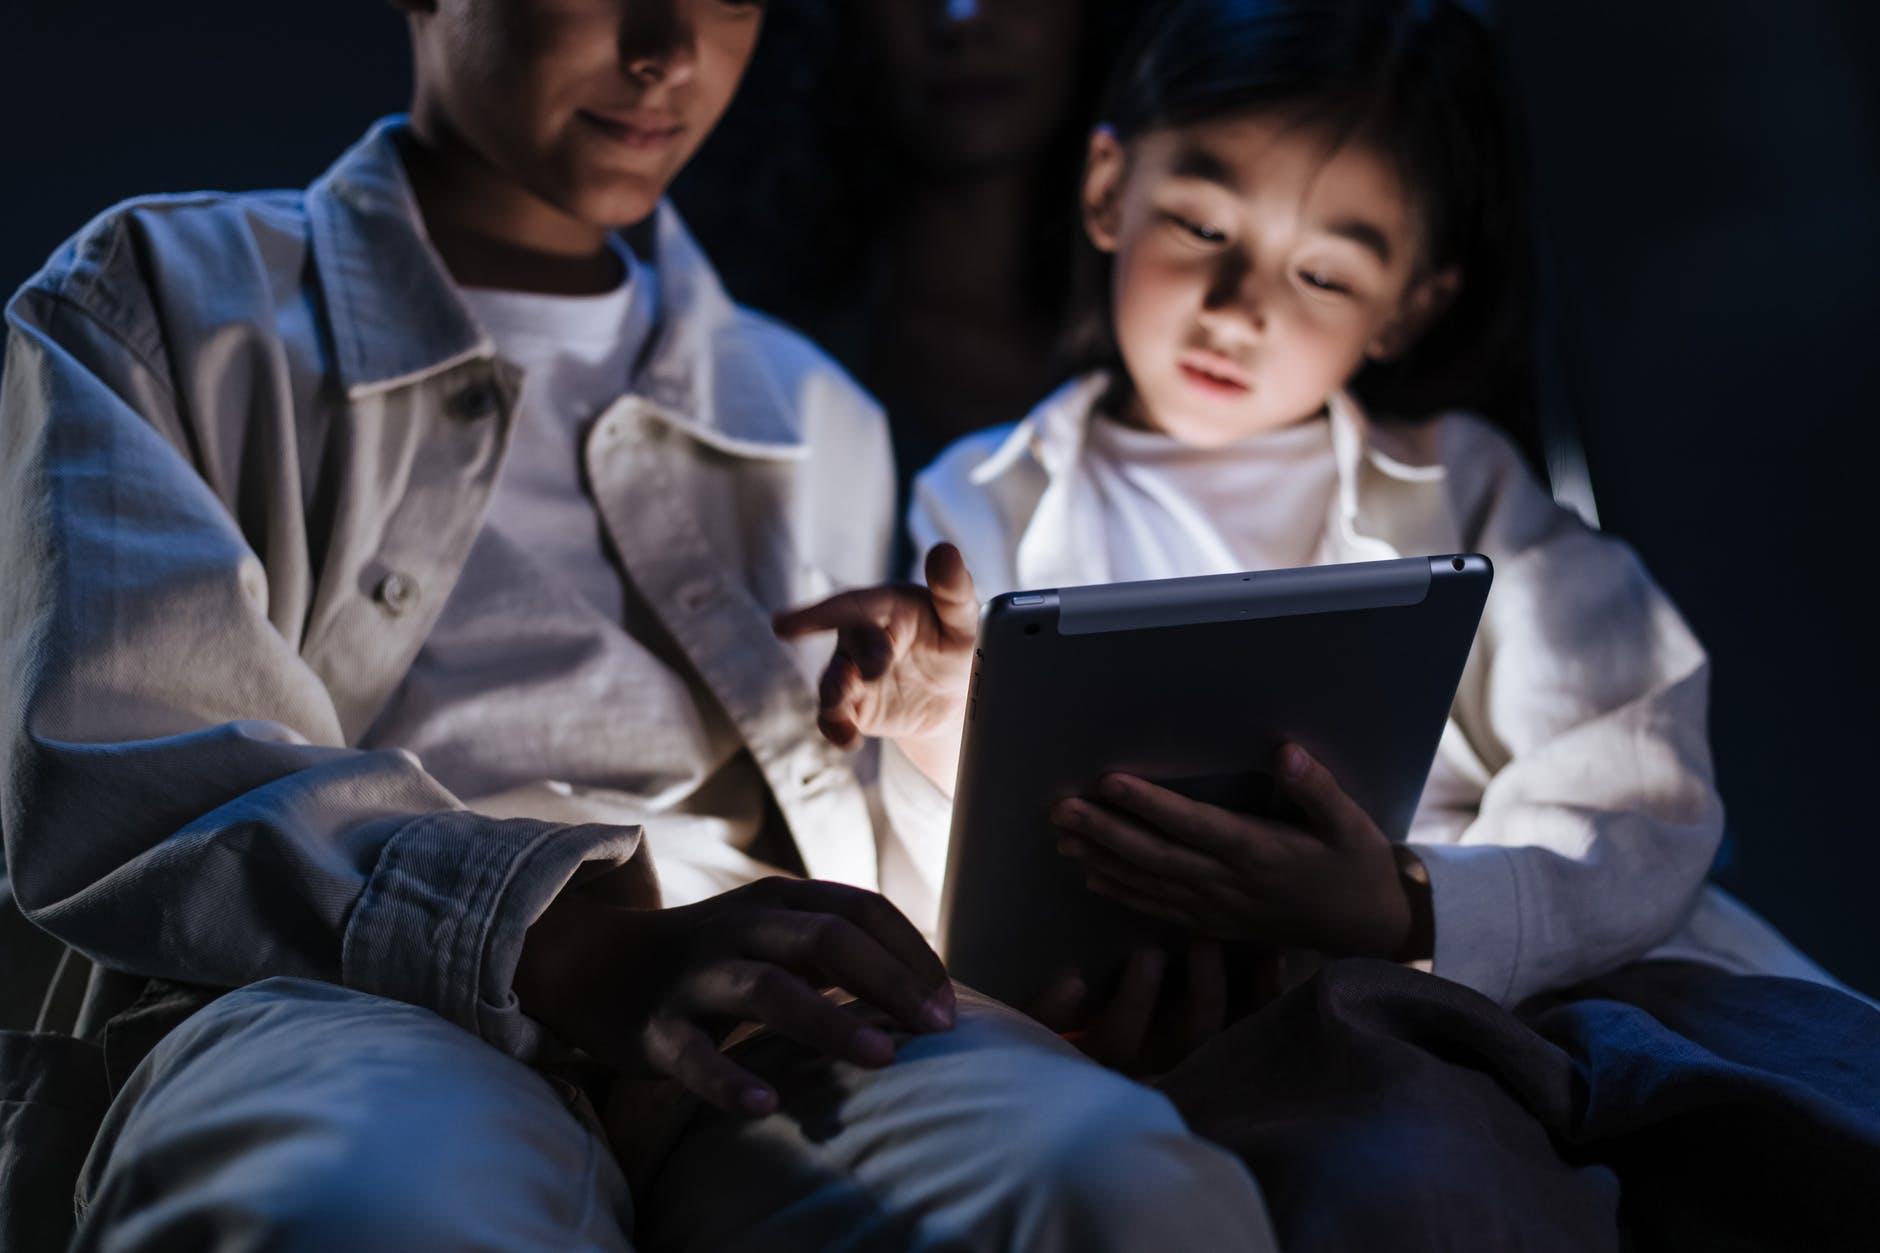 Universo Tecnológico Cap. 22: Octubre, mes de la ciberseguridad